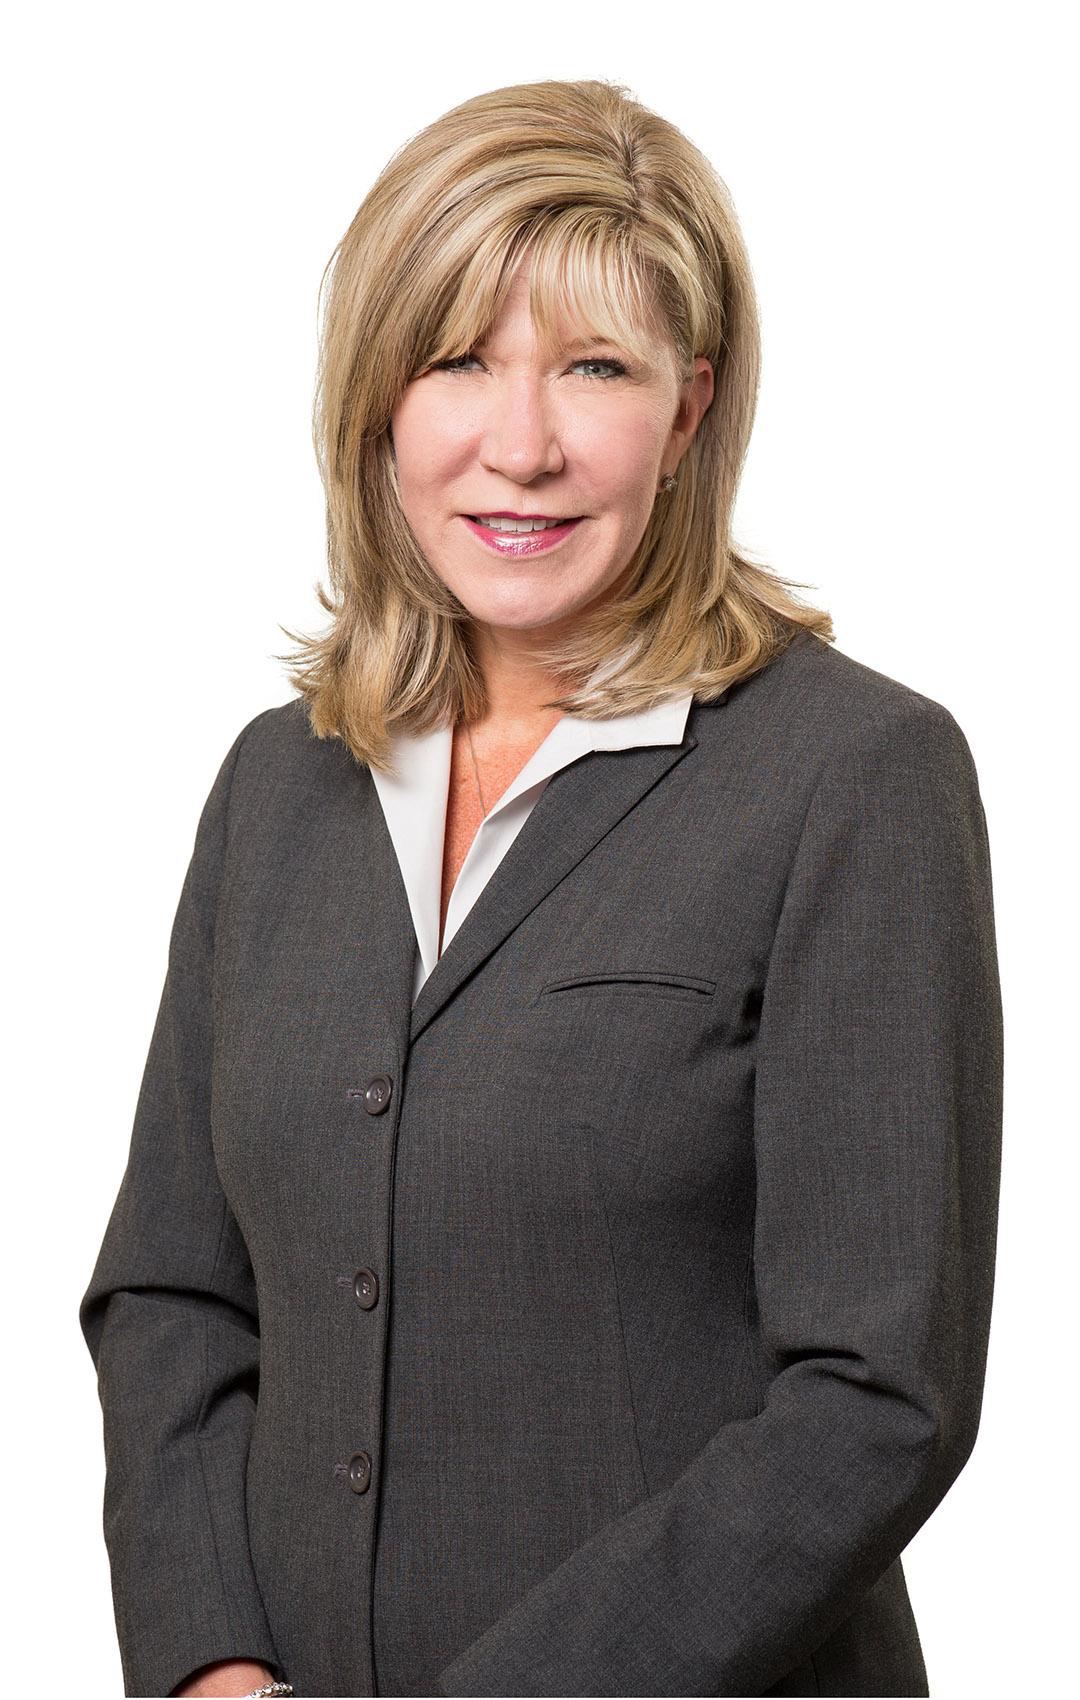 Rachel L. Herlache